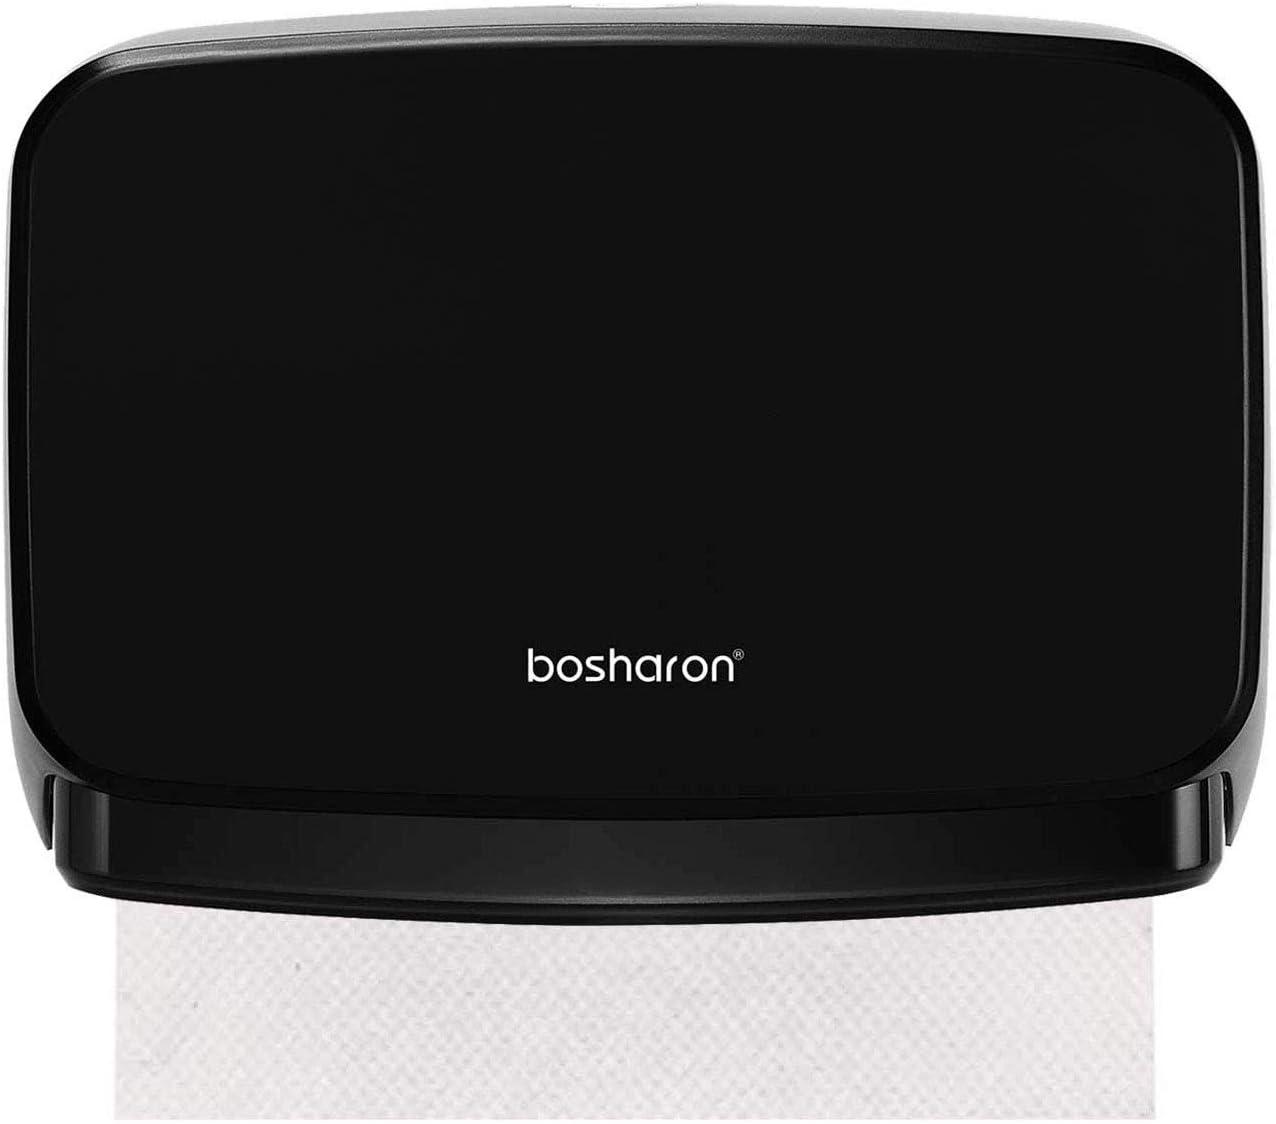 Bosharon Black Paper Towel Dispenser Wall Mount, C Fold Paper Towel Dispenser, Multifold Trifold Paper Towel Dispenser Commercial and Home Use, Bathroom Tissue Holder (Black)